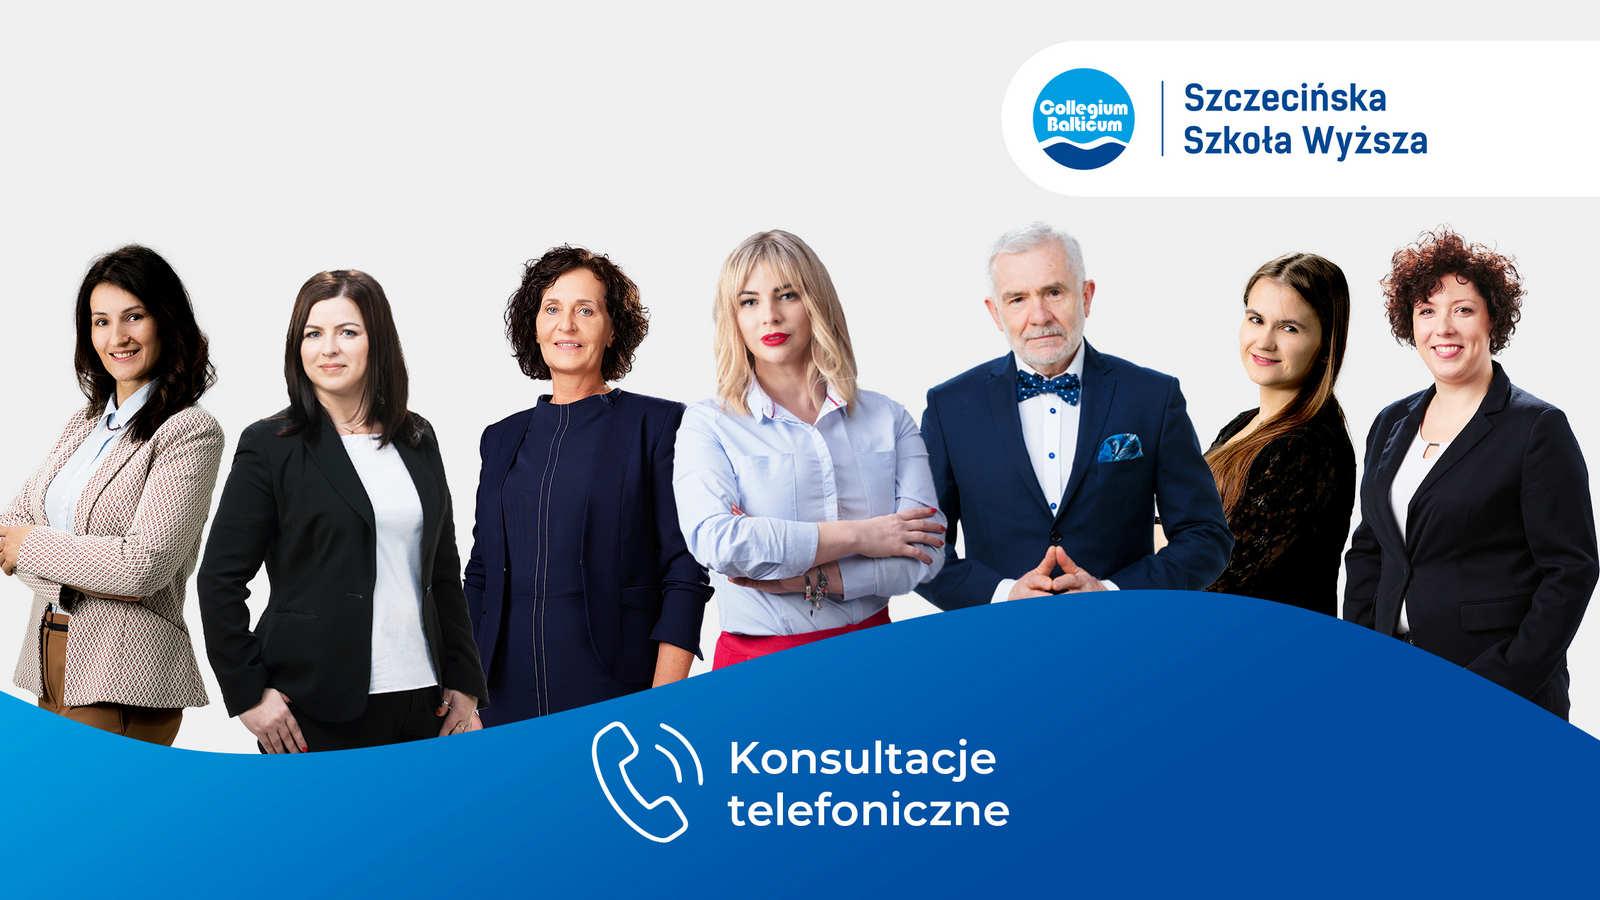 Konsultacje telefoniczne władz uczelni